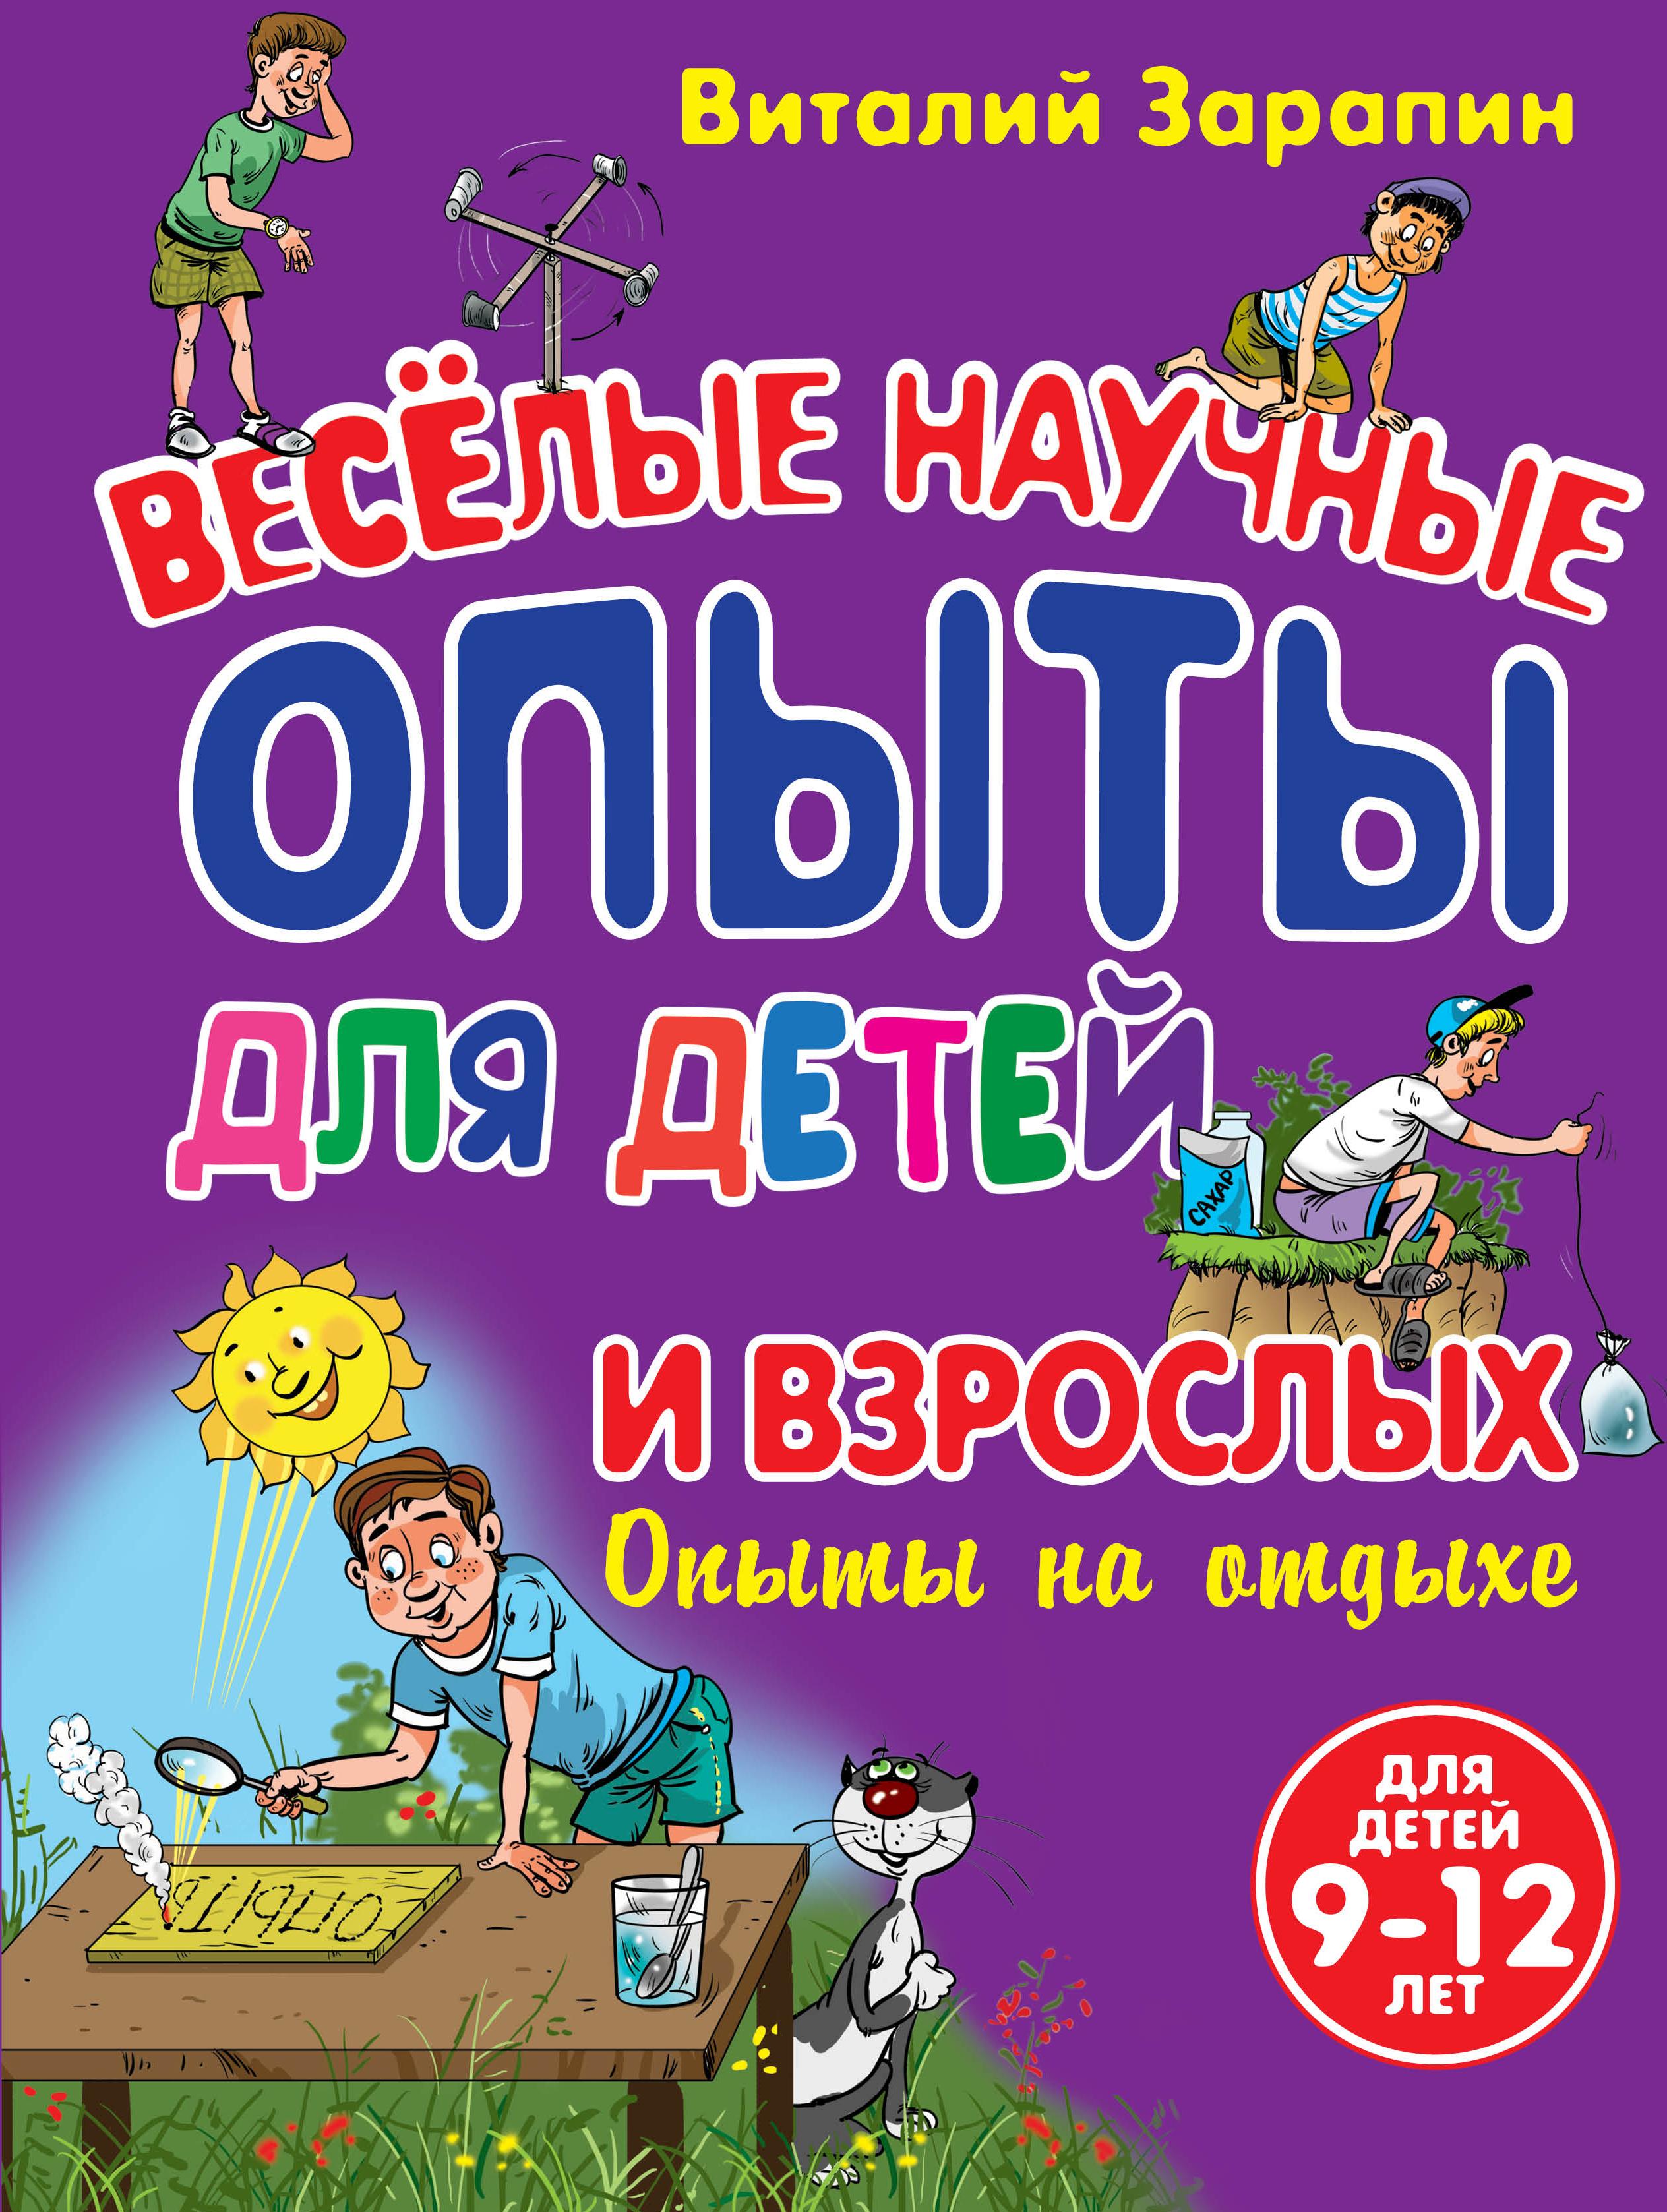 Опыты на отдыхе. Веселые научные опыты для детей и взрослых ( Зарапин В.Г.  )